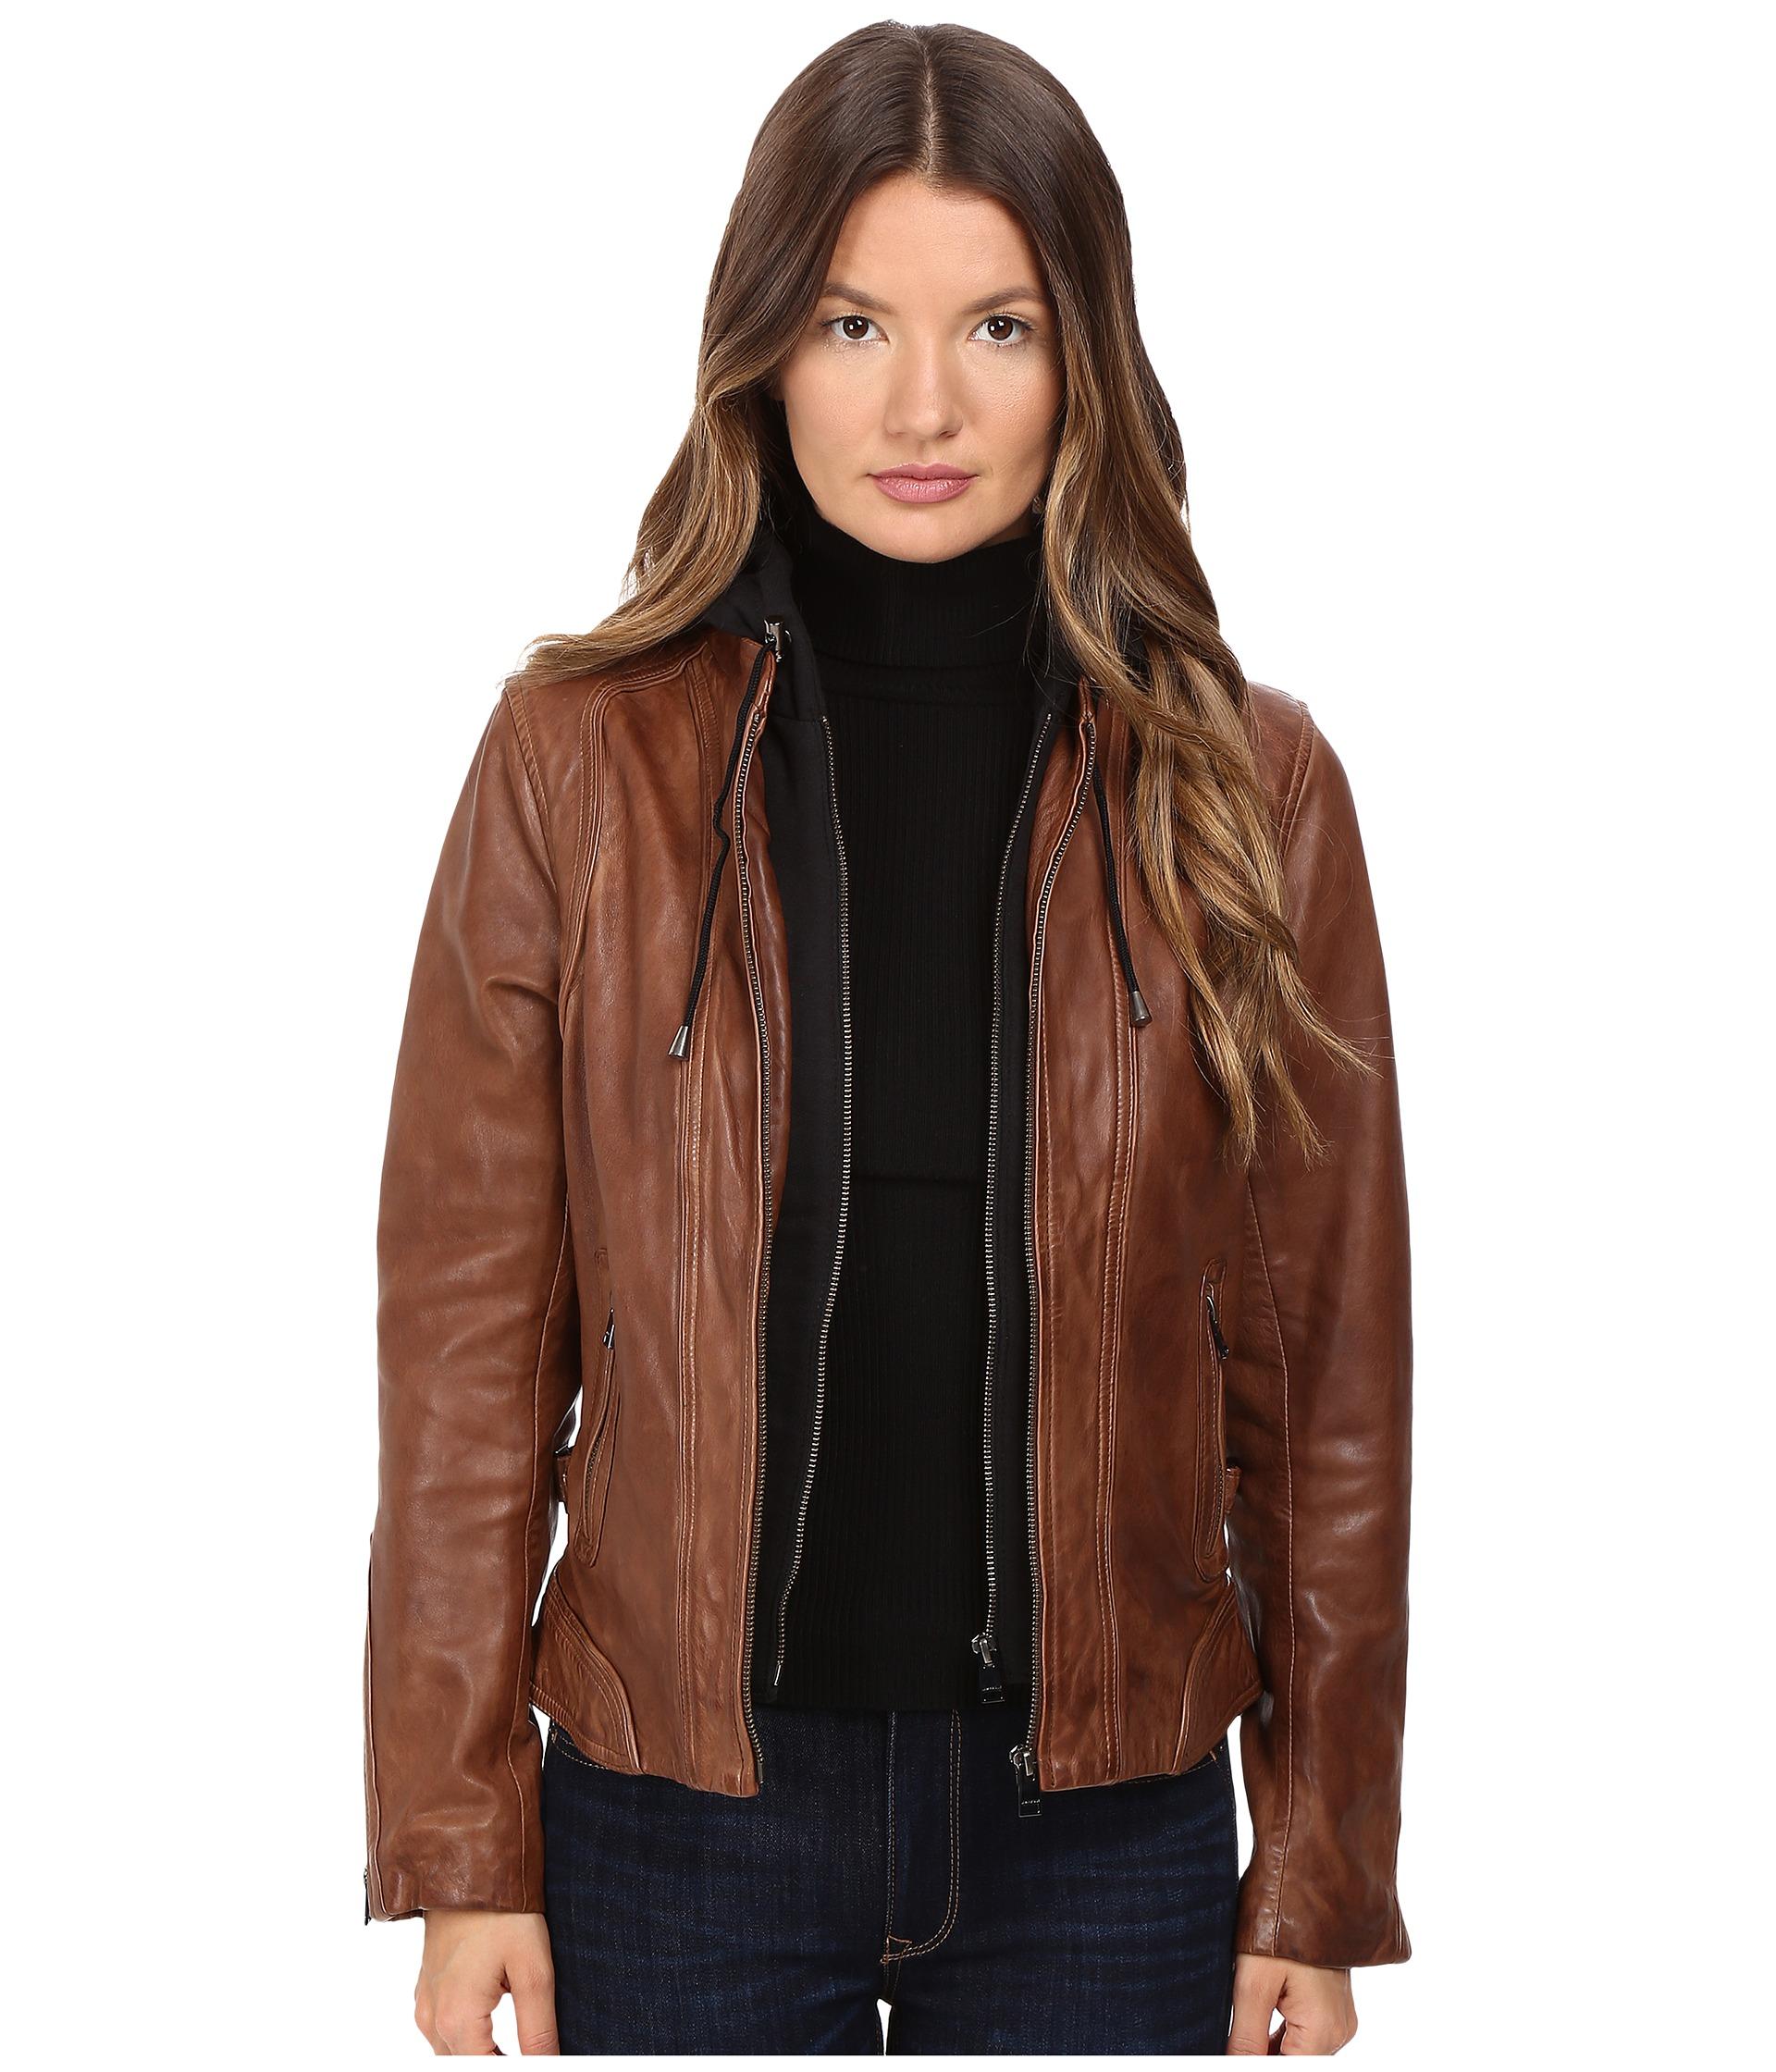 Blank Nyc Beige Vegan Leather Sleeved Draped Jacket In Beige Beige